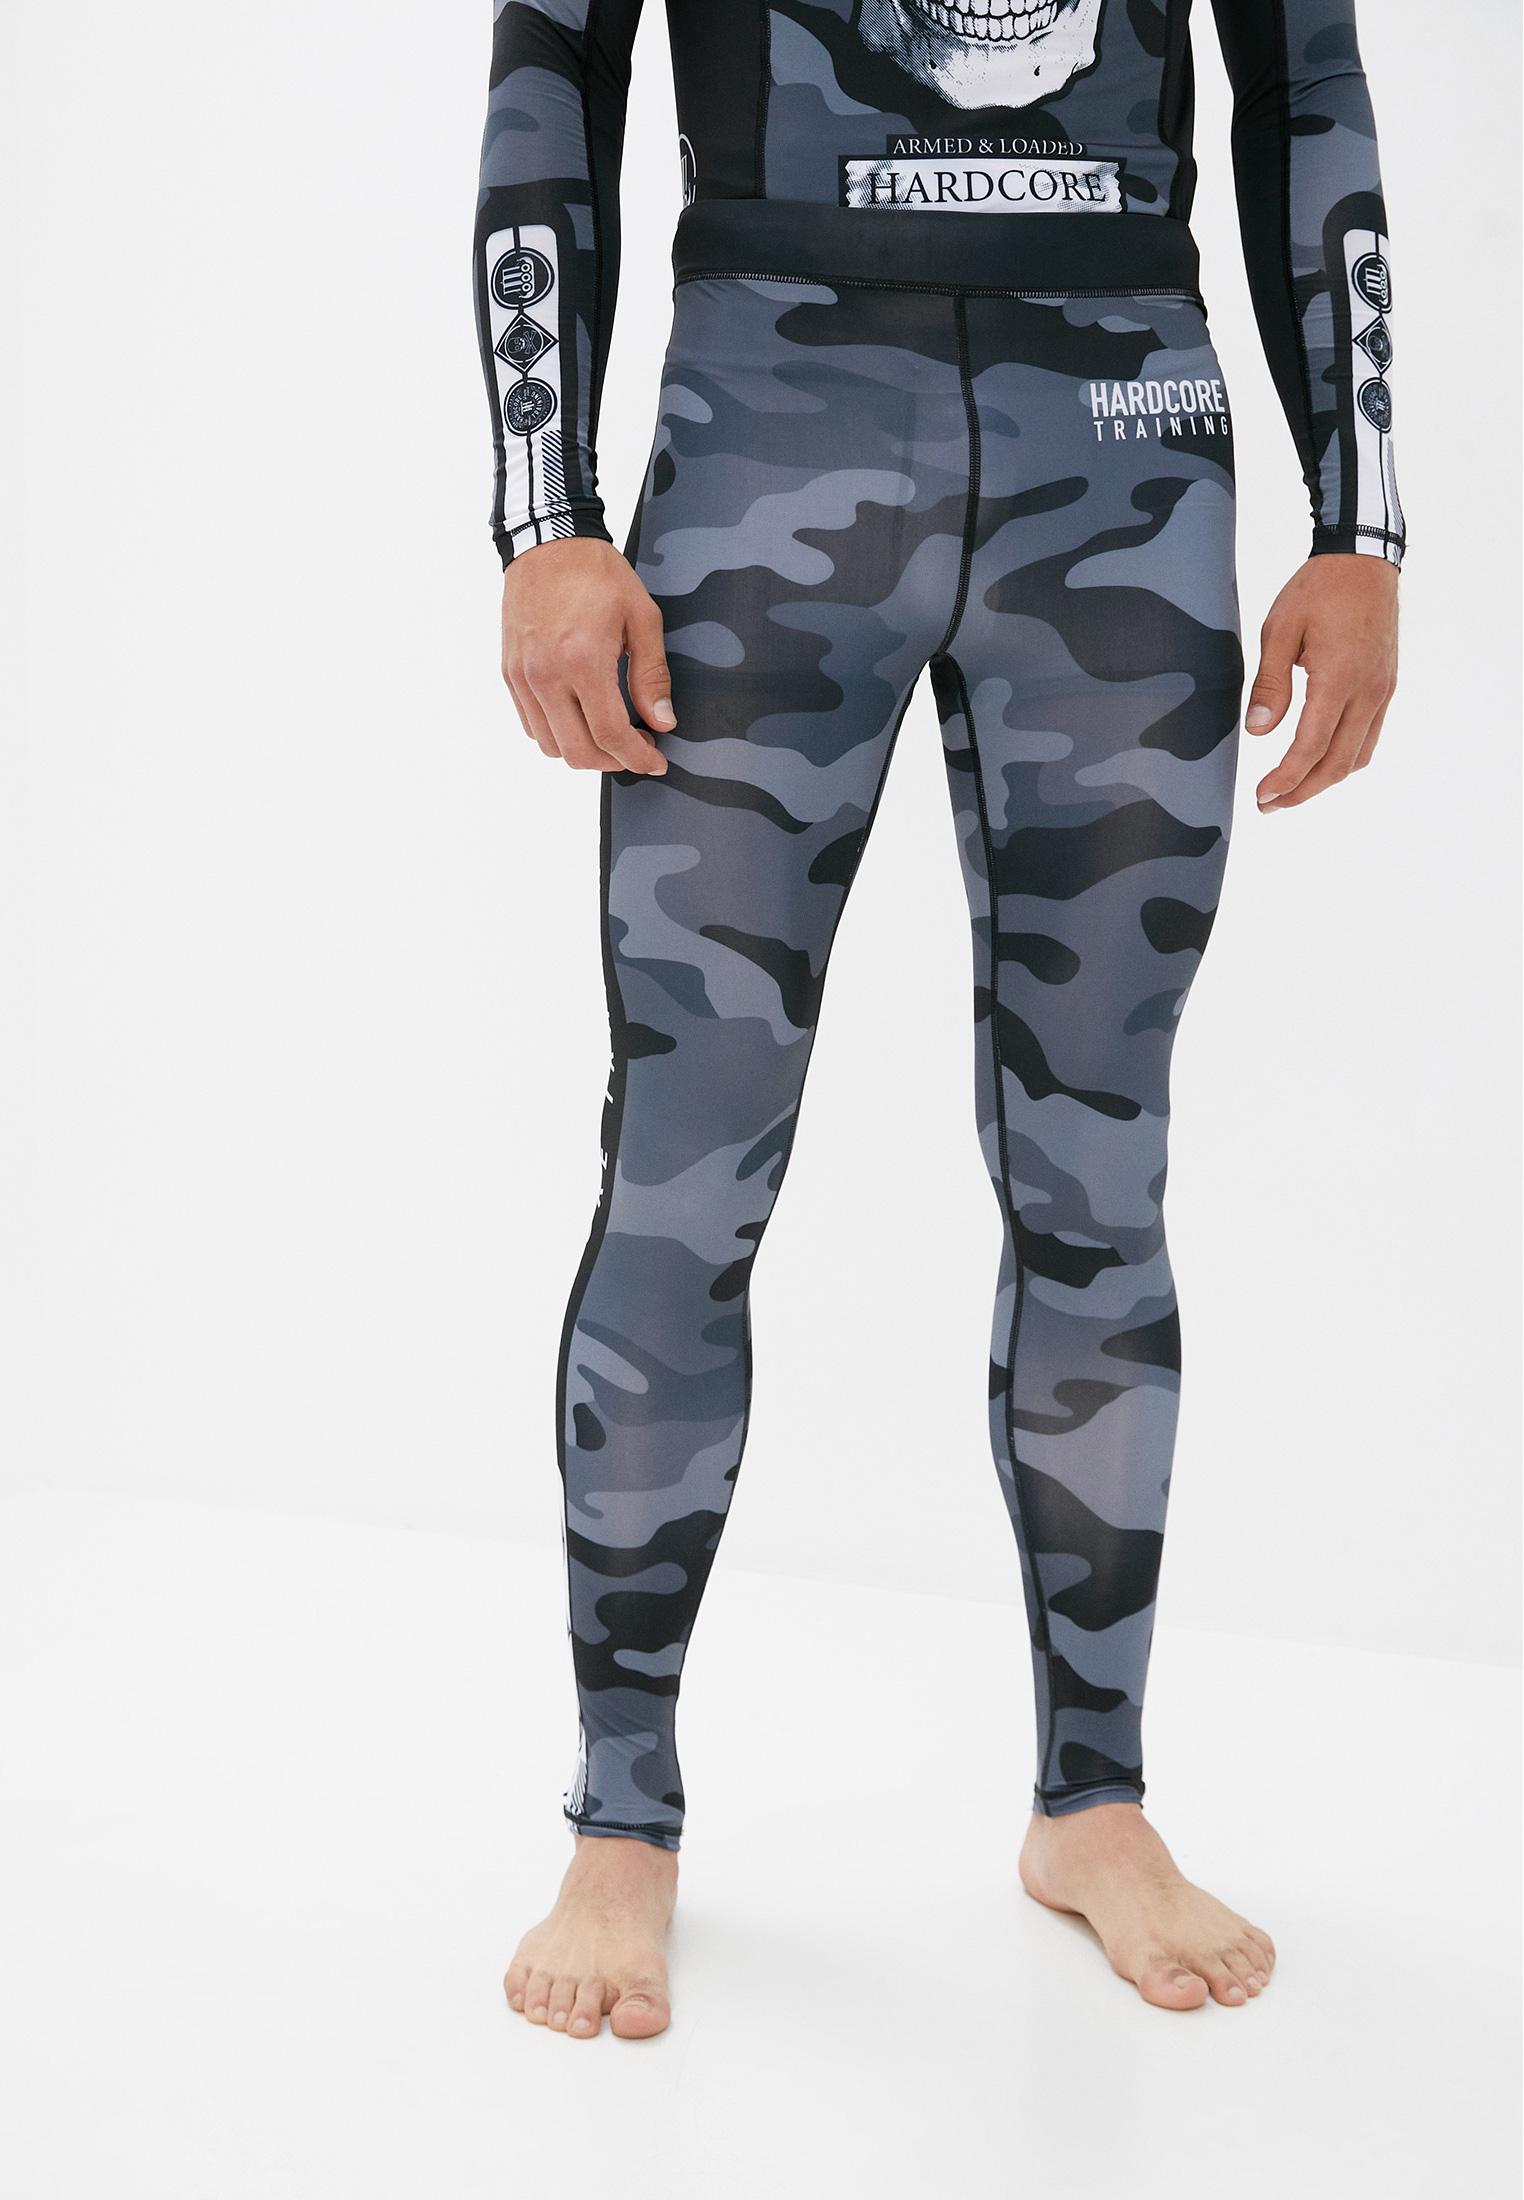 Мужские спортивные брюки Hardcore Training hctpan058